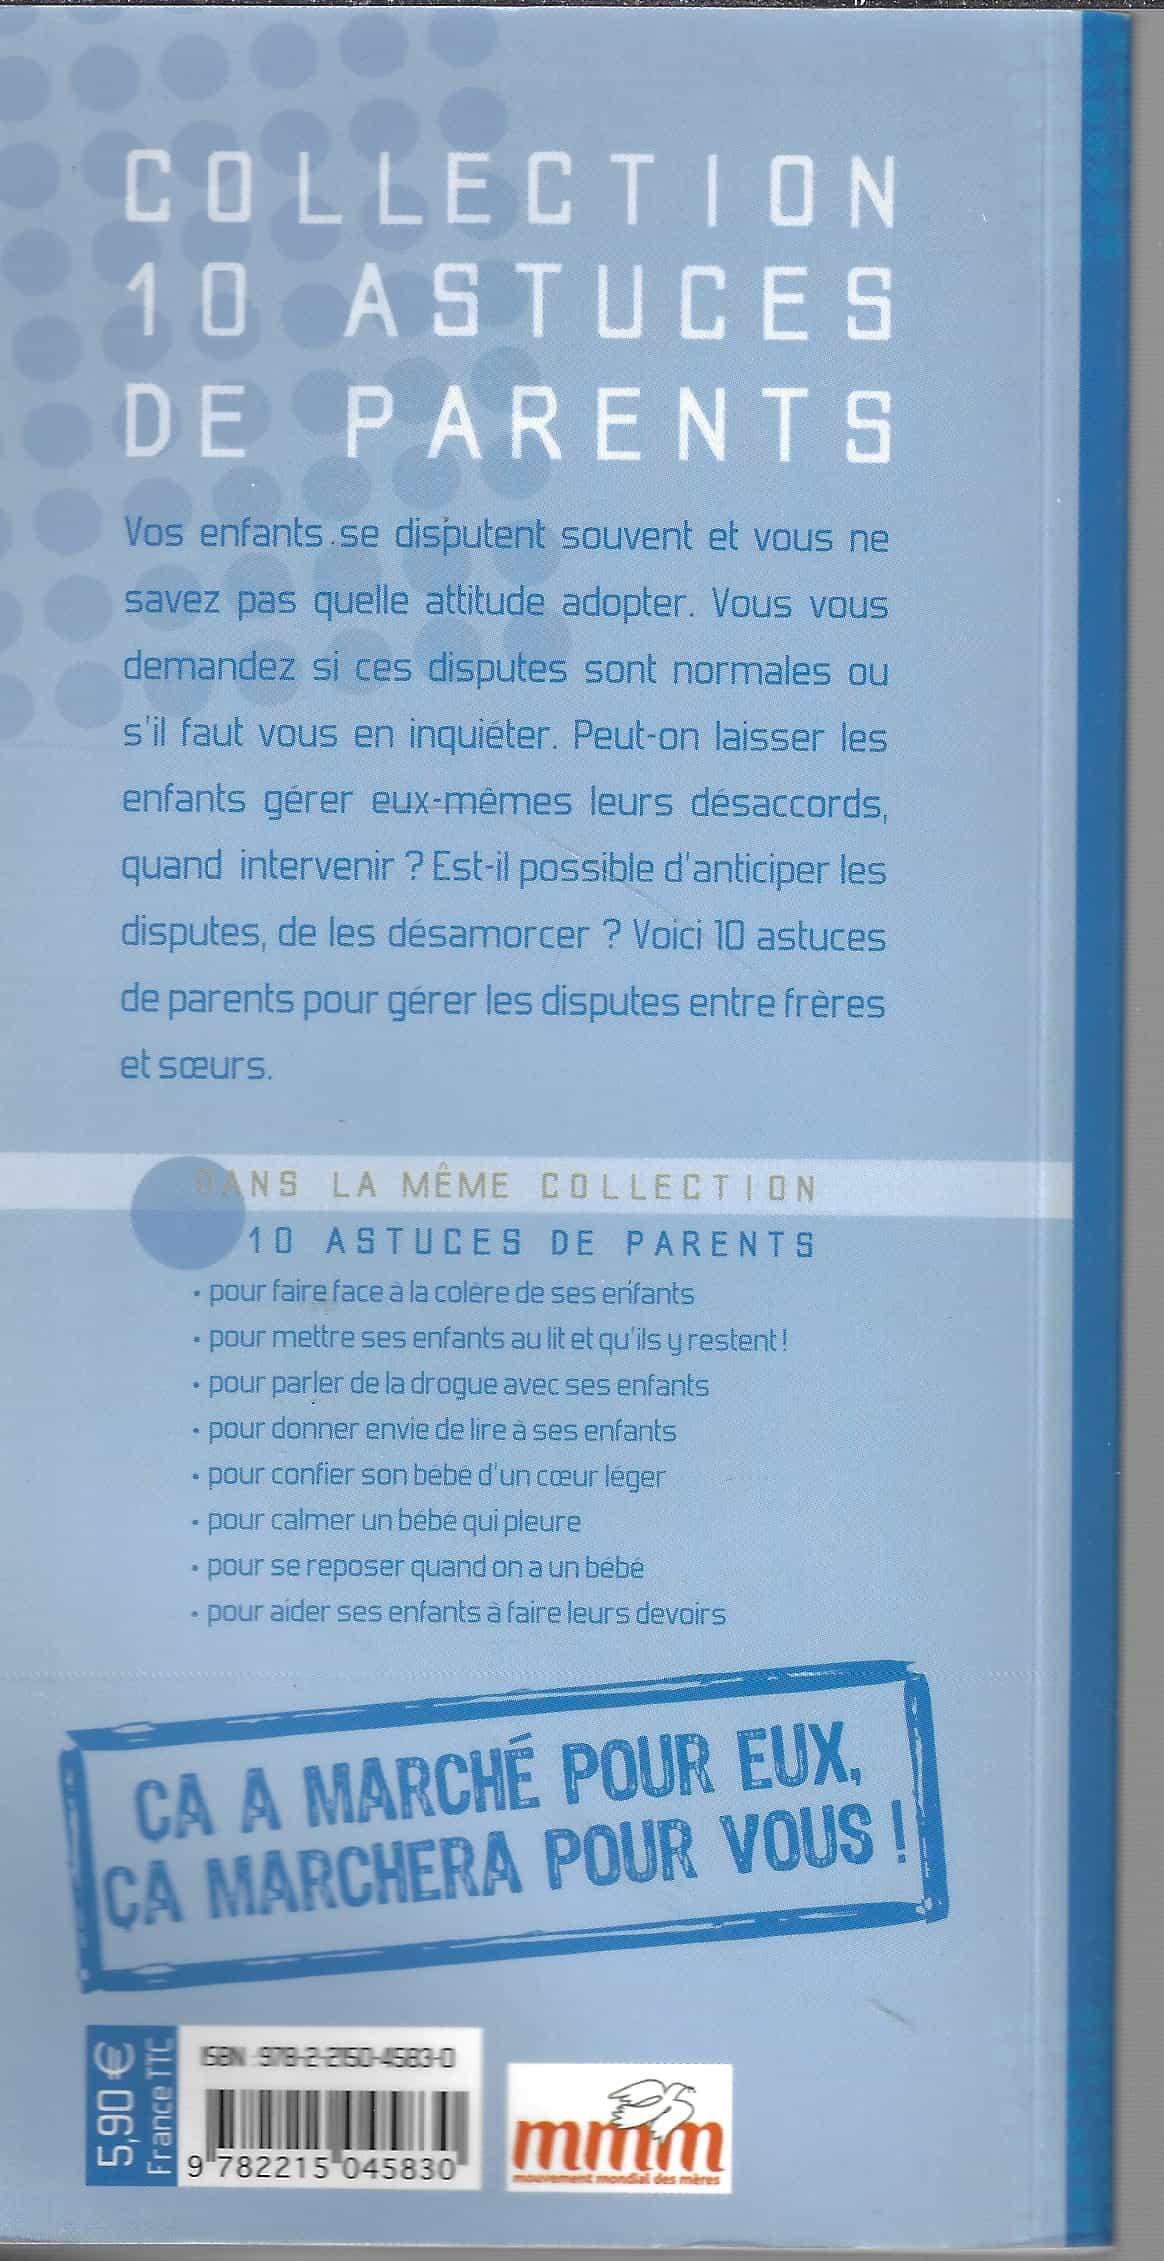 ec7f4b8e53fd6 10 astuces de parents – Bouquinerie Le Fouineur